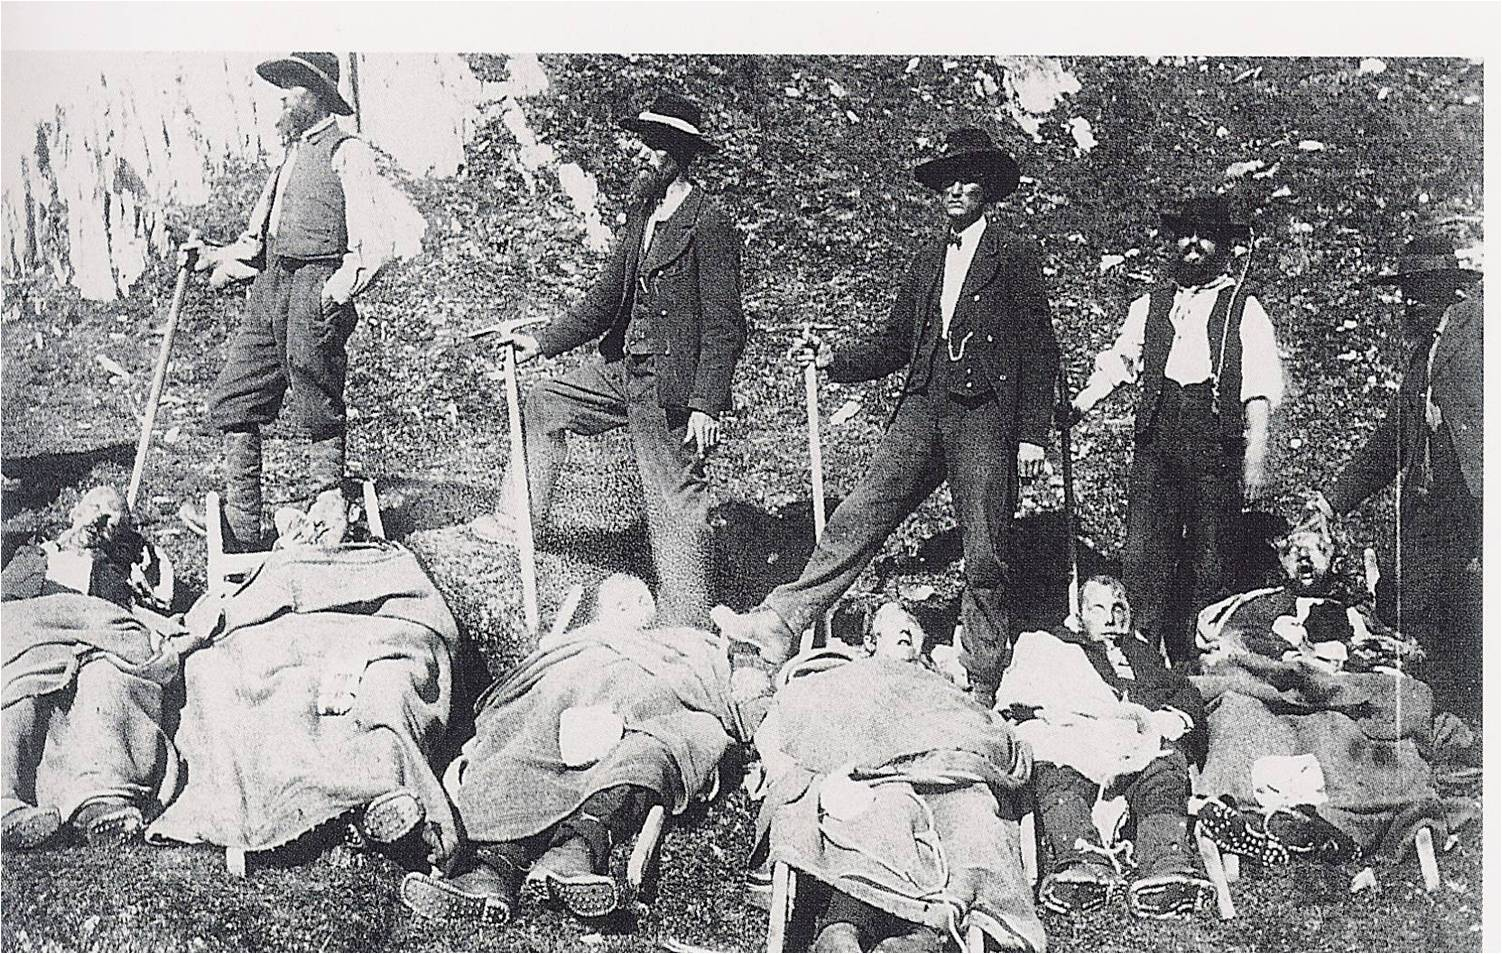 Jungfrau_disaster_1887